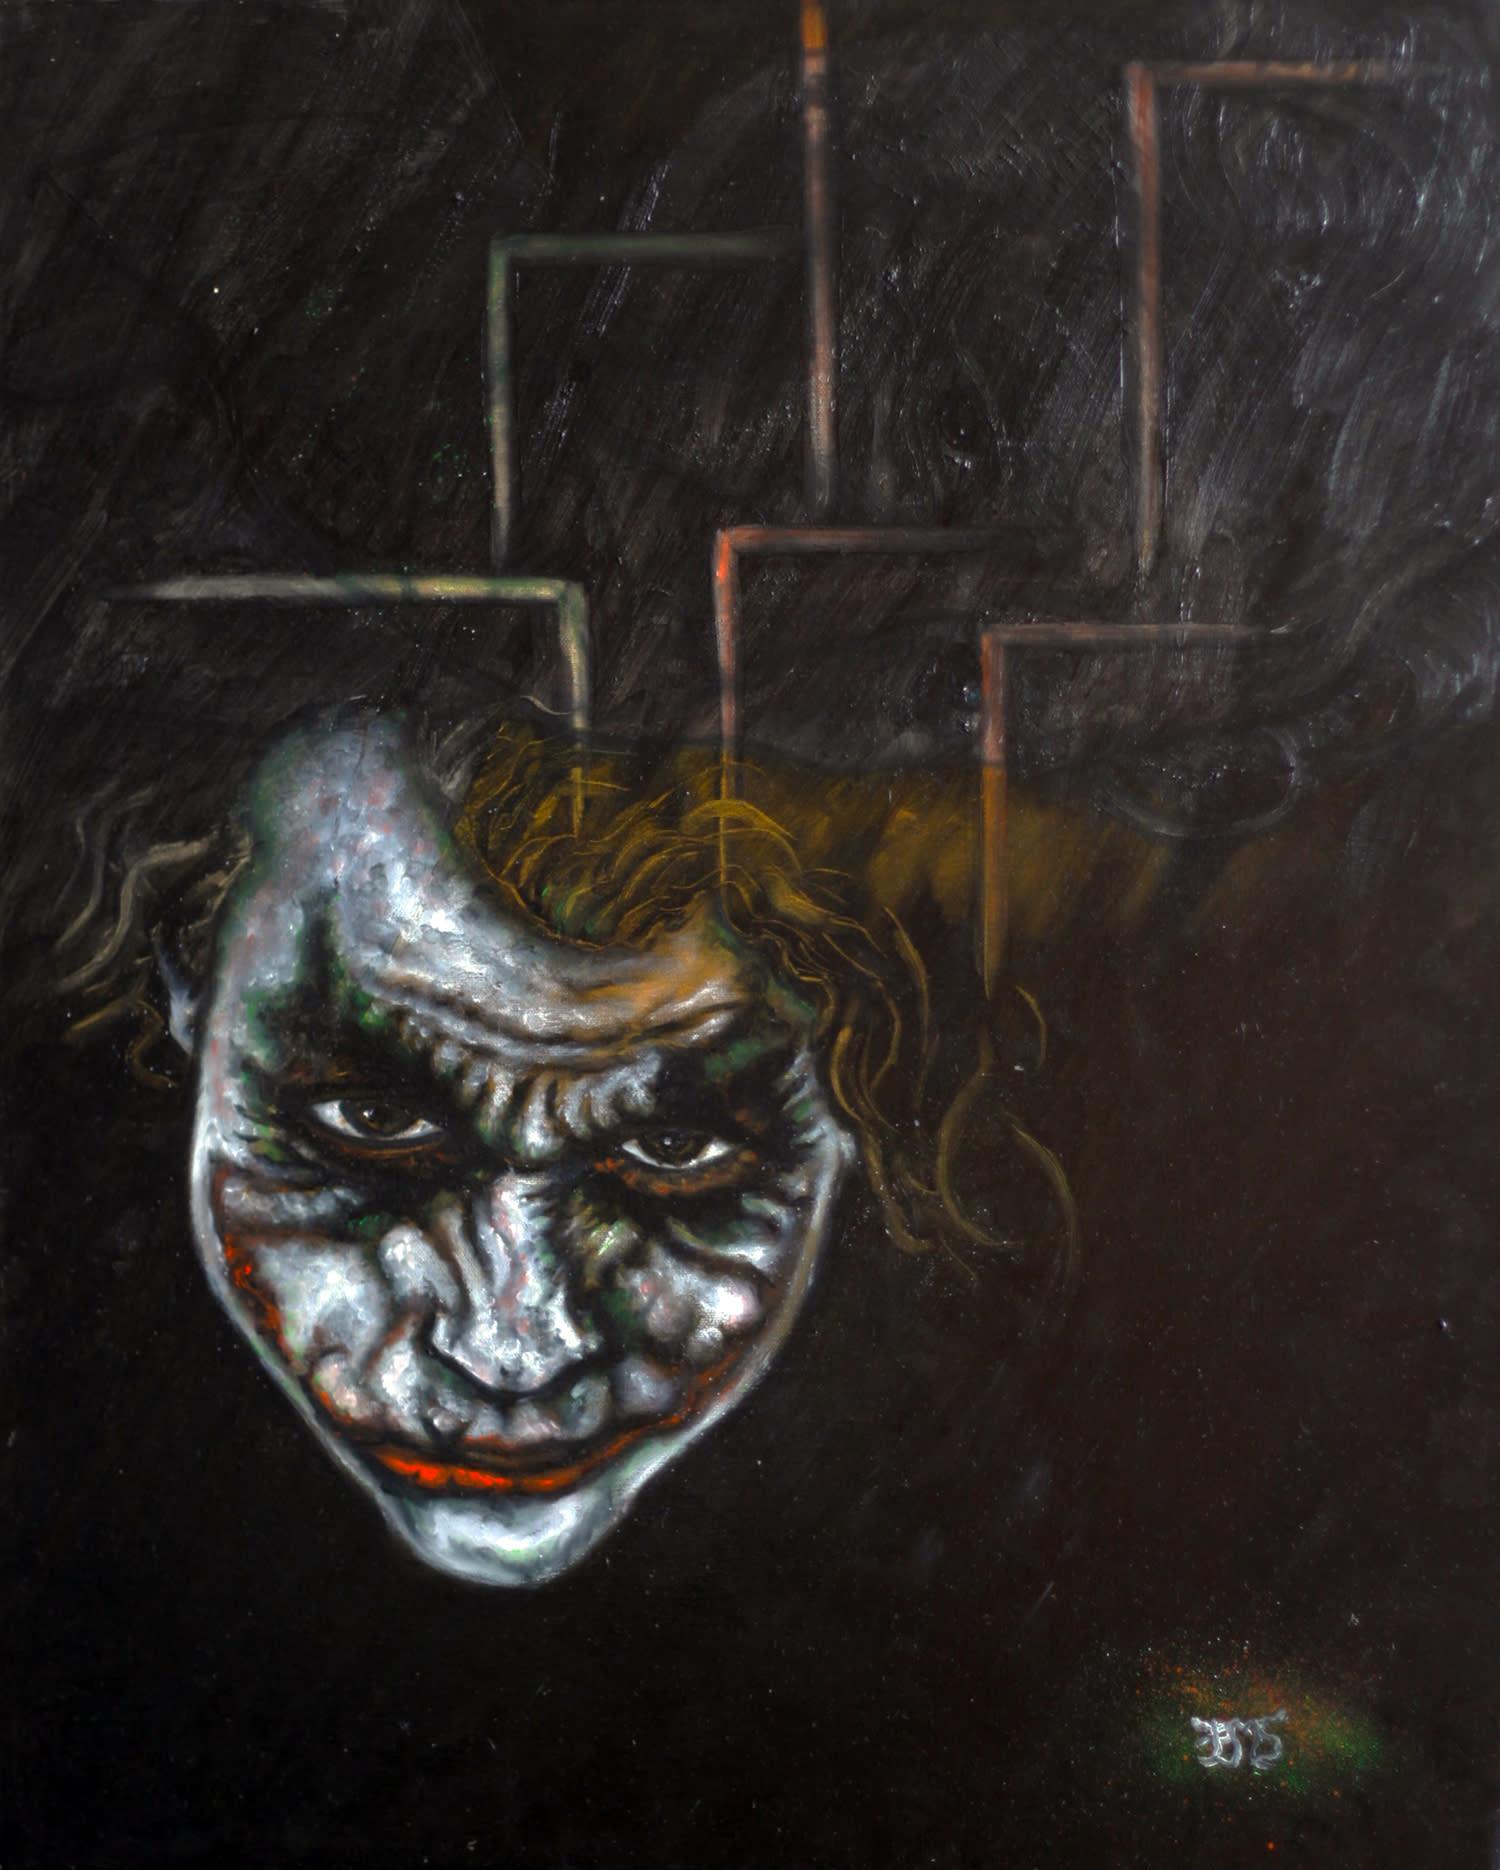 The joker smaller psvkyi